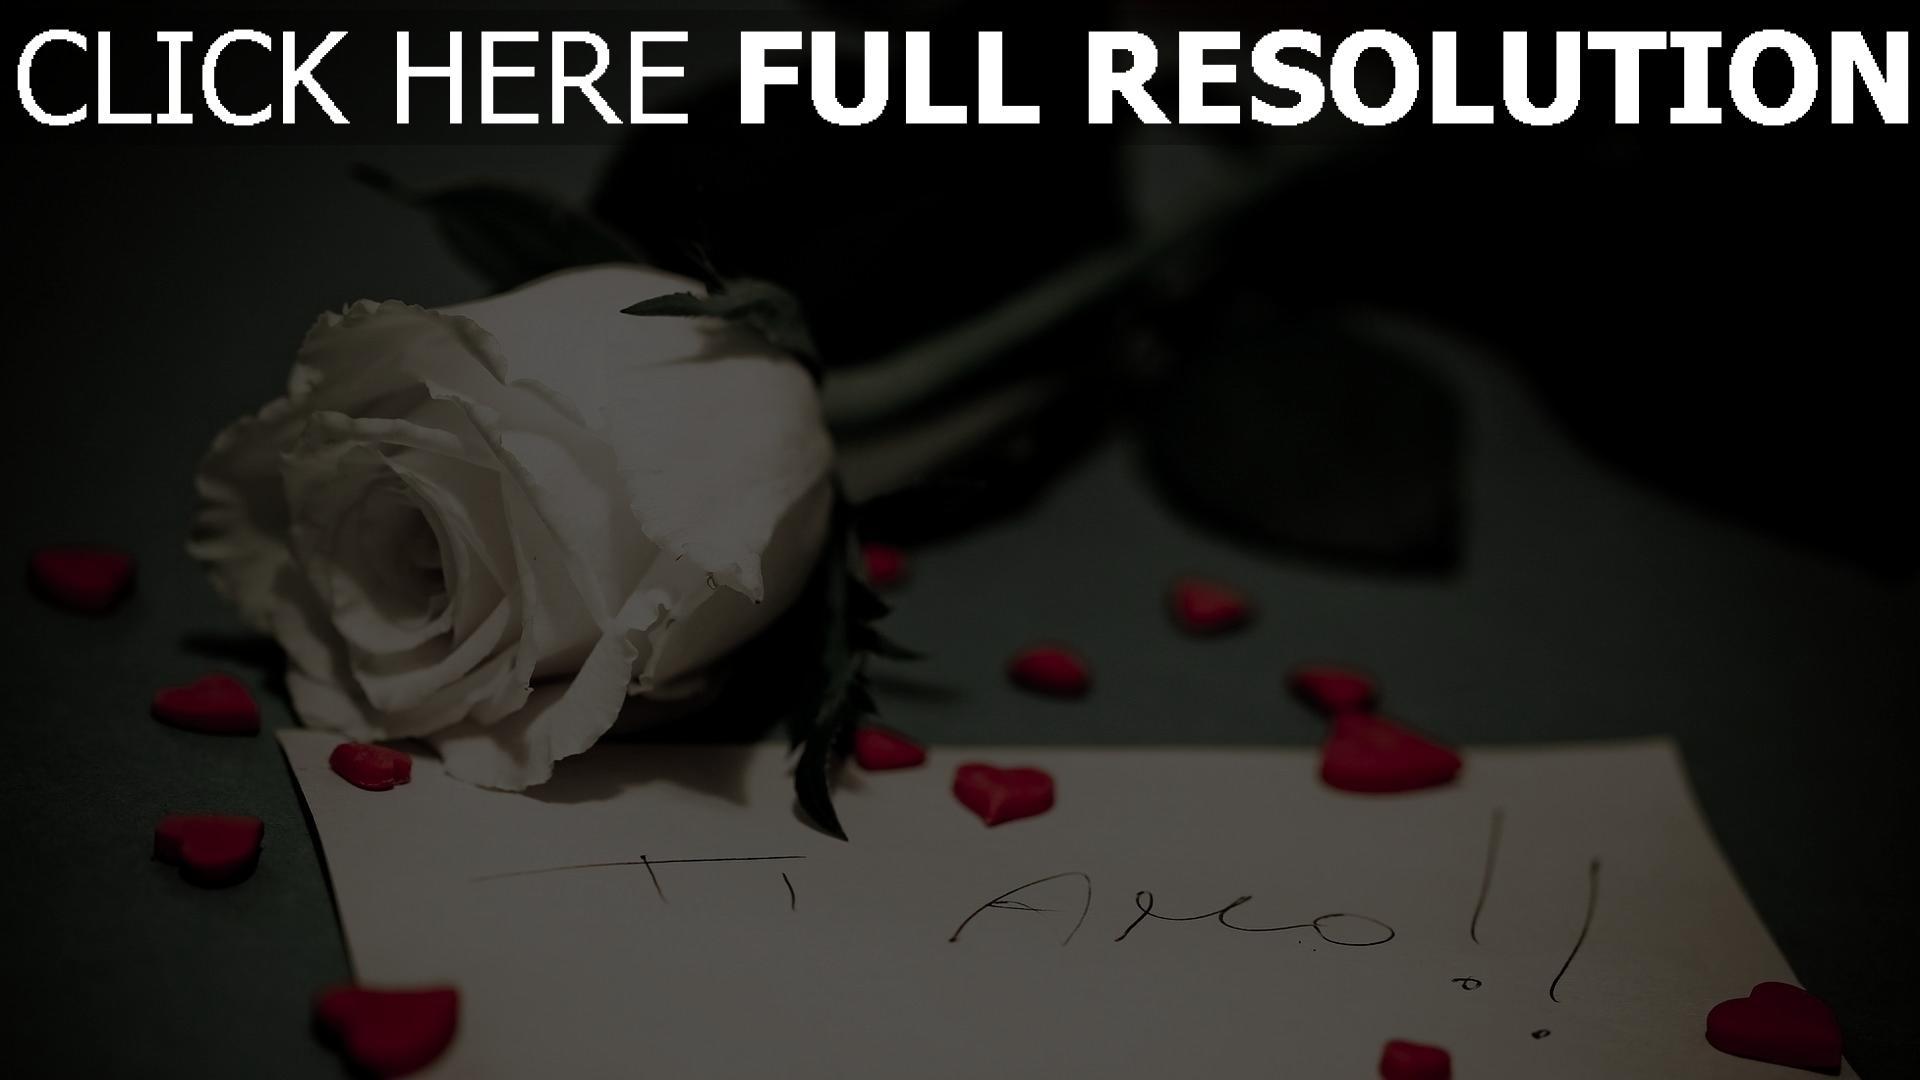 hd hintergrundbilder note beichte rose blume romantik 1920x1080